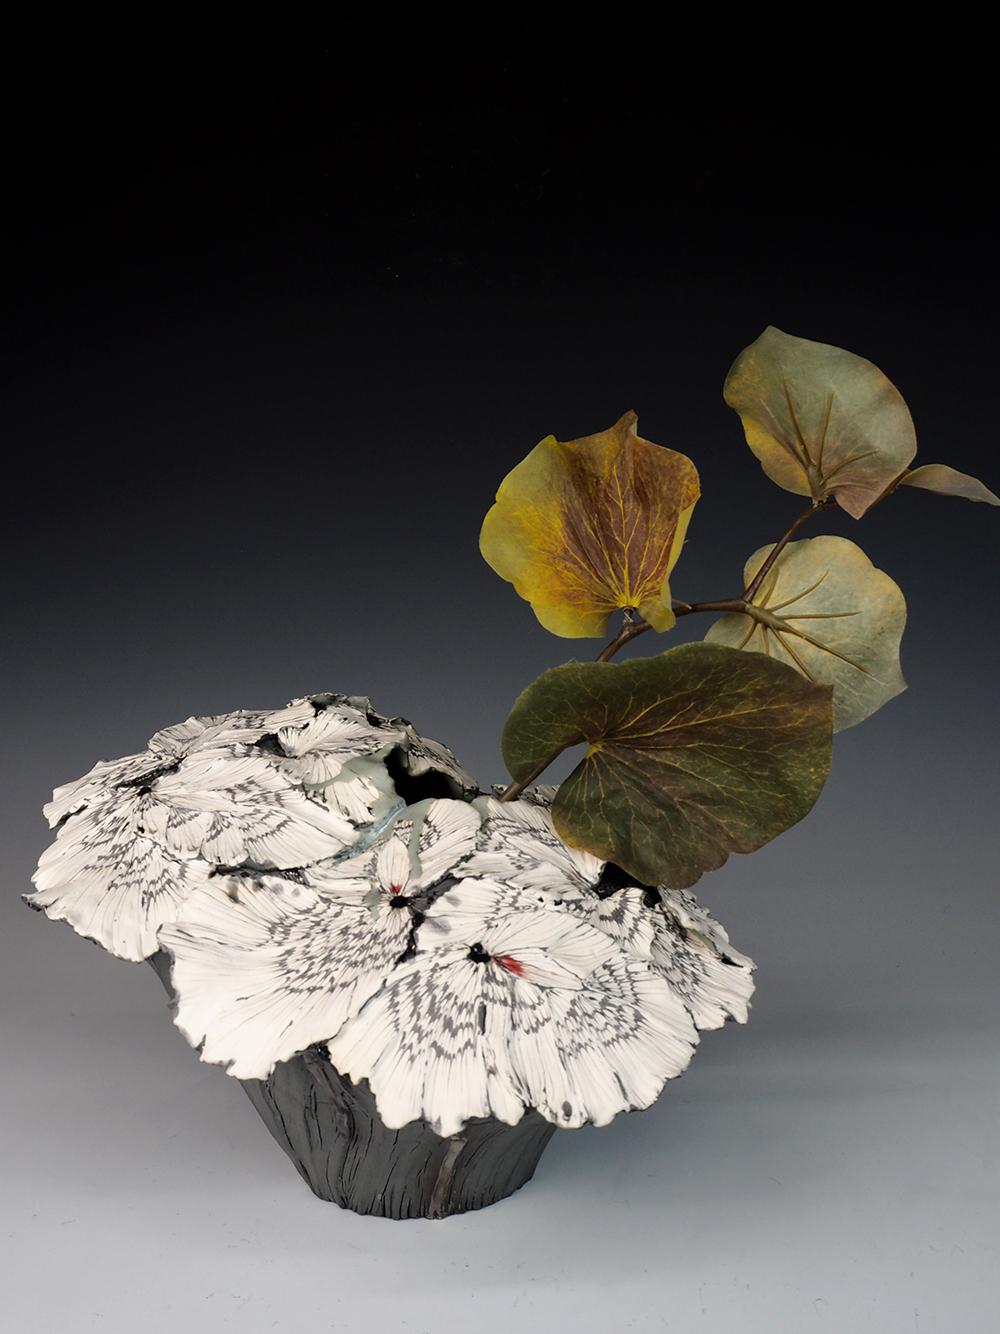 SHINGU Sayaka flower vase01.jpg